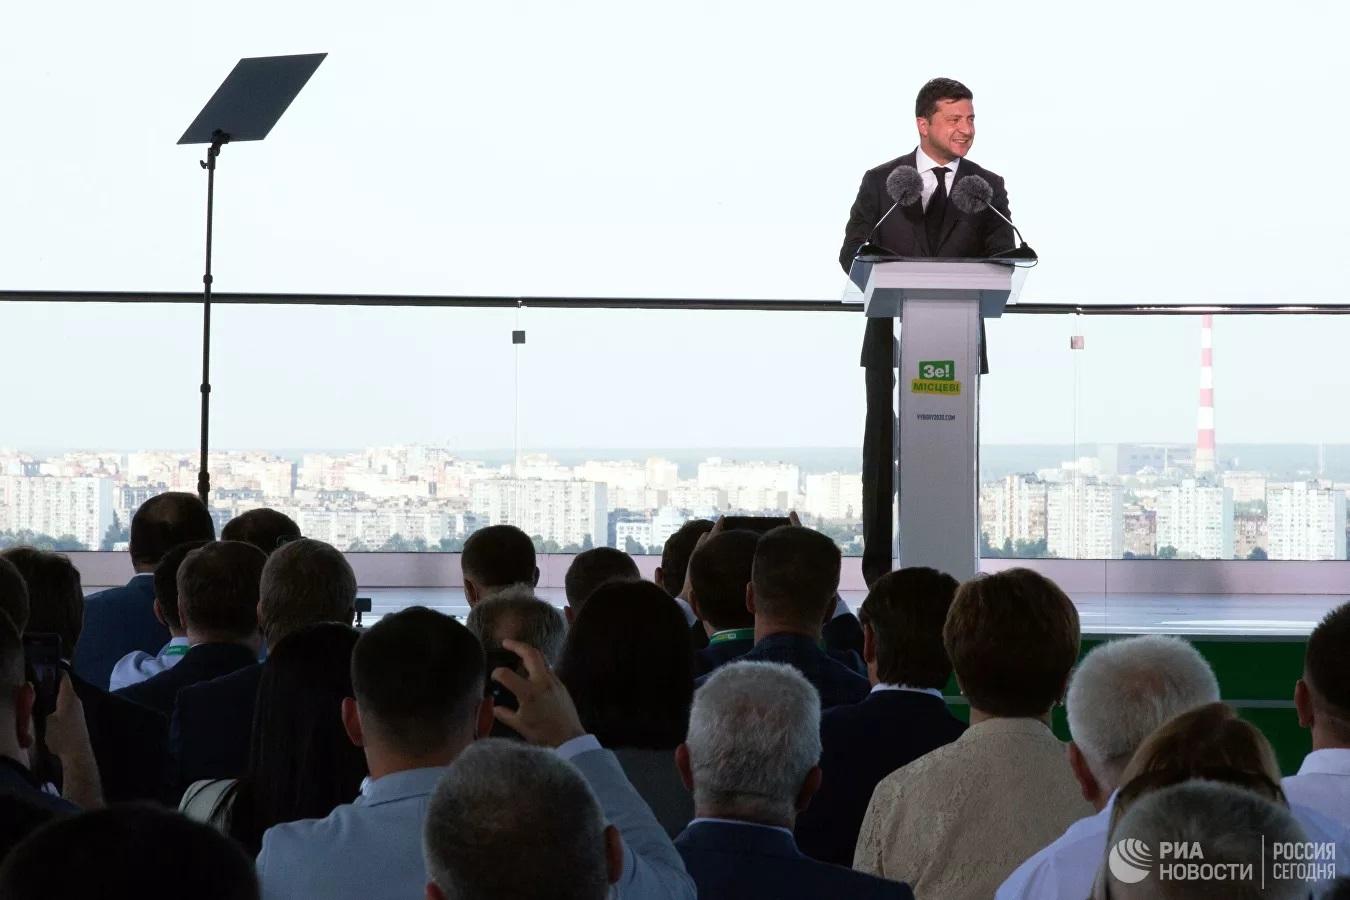 Tổng thống Zelensky có thể ký sắc lệnh bắt đầu cuộc chiến ở Donbass